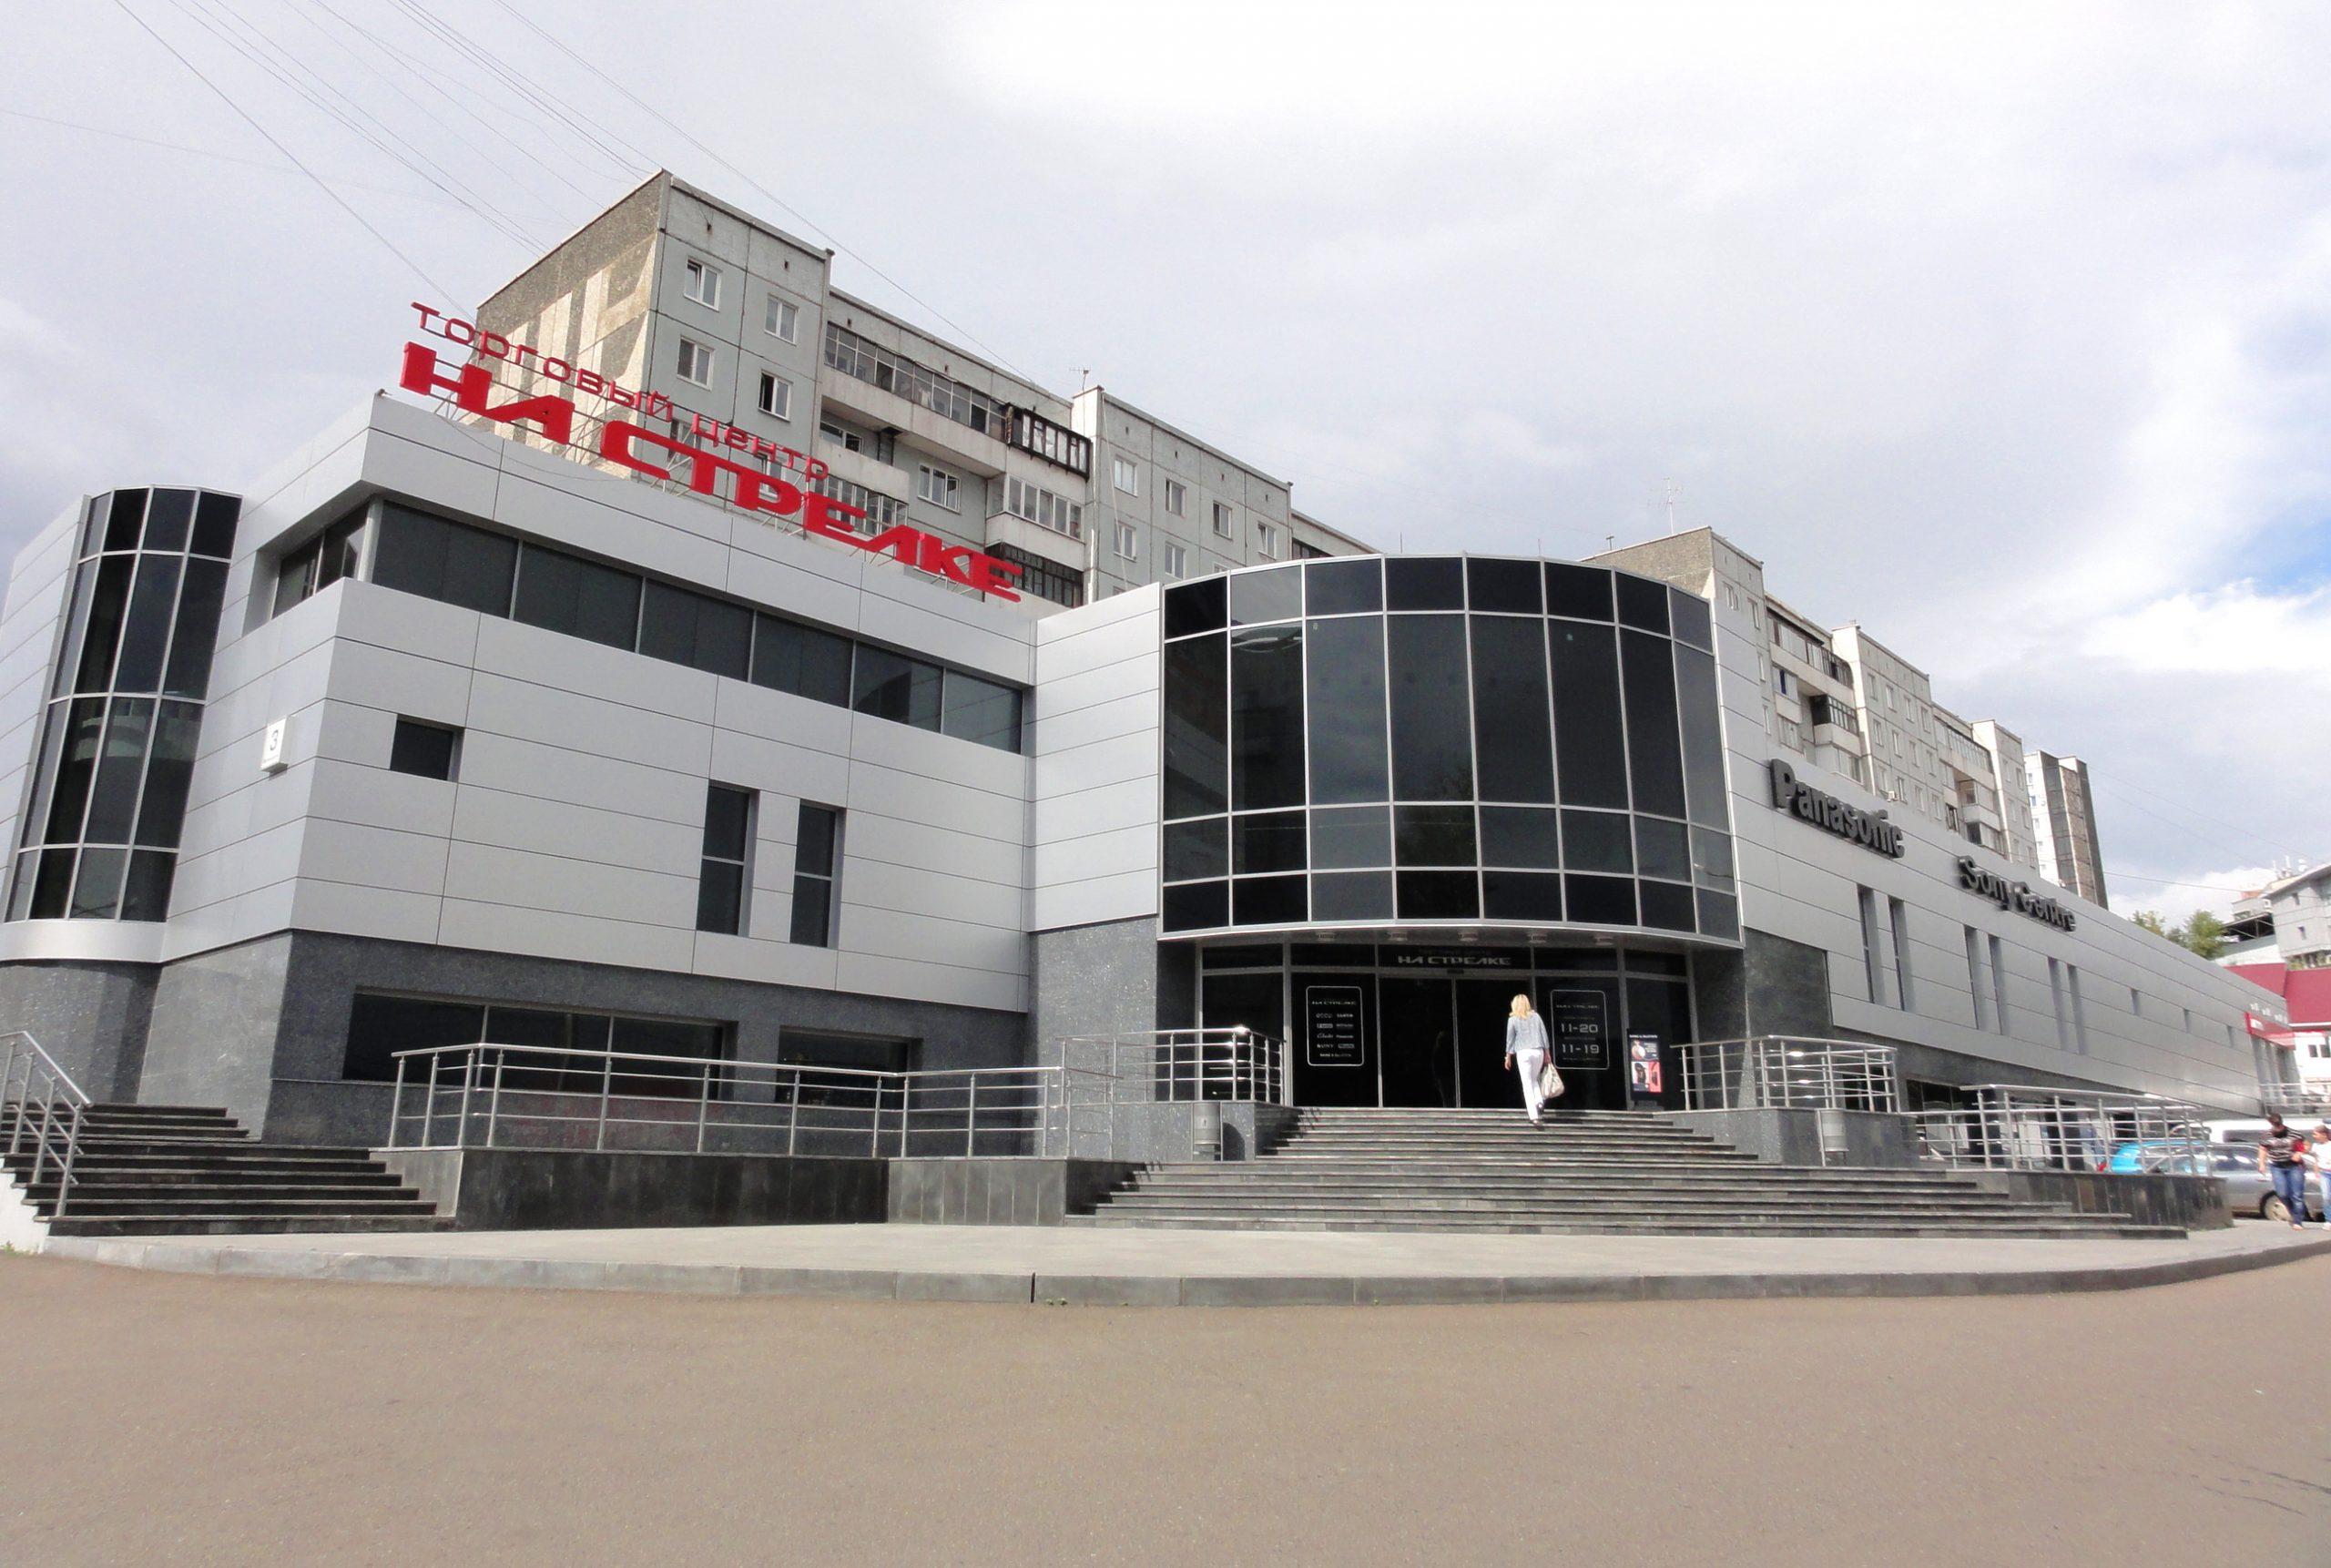 Фасад торгового центра На Стрелке в Красноярске